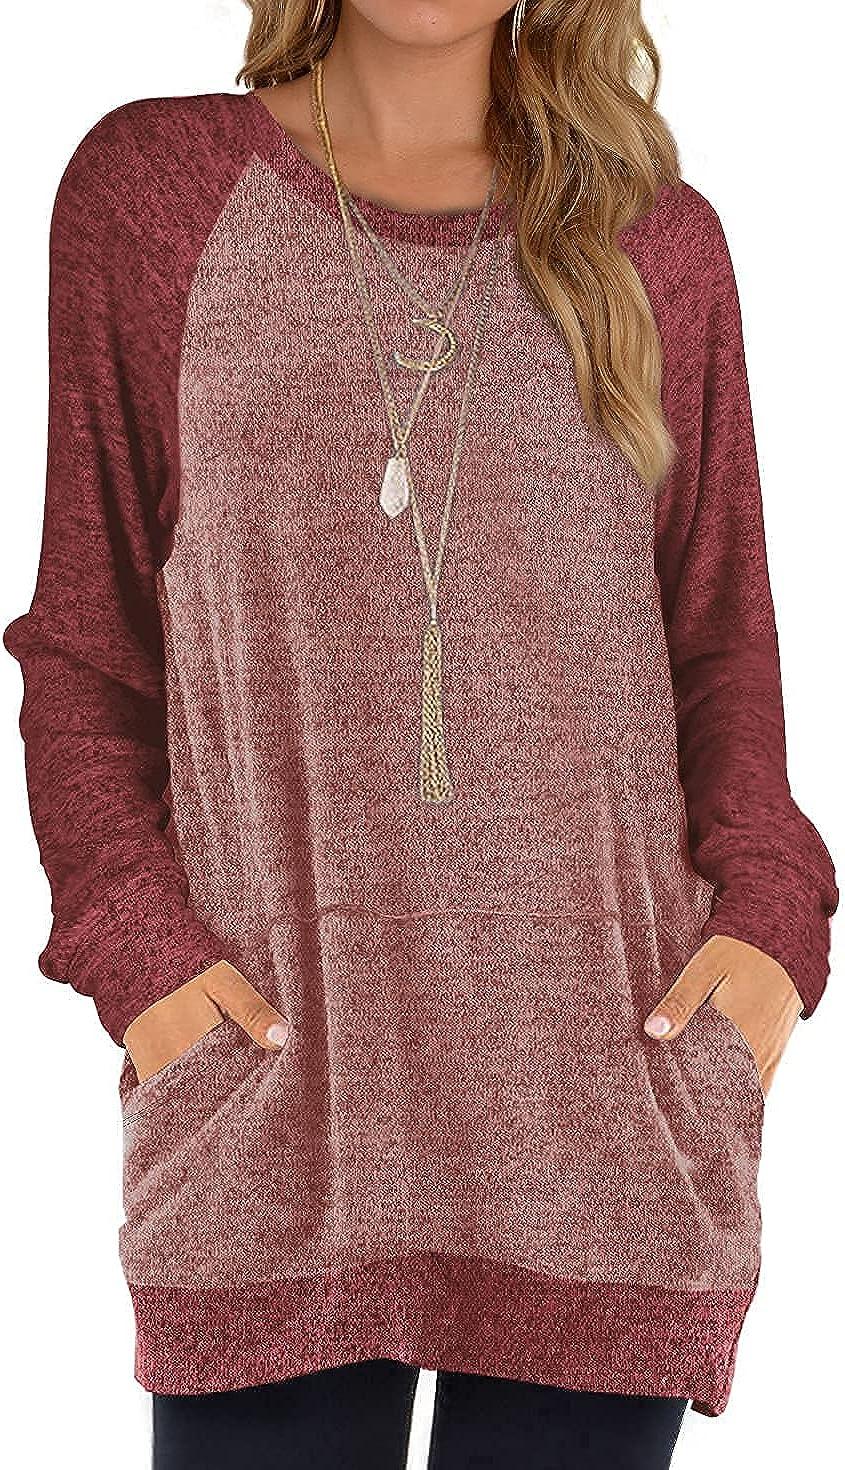 Weeso Sweatshirts for Women Oversized Long Sleeve Tunic Tops Crewneck